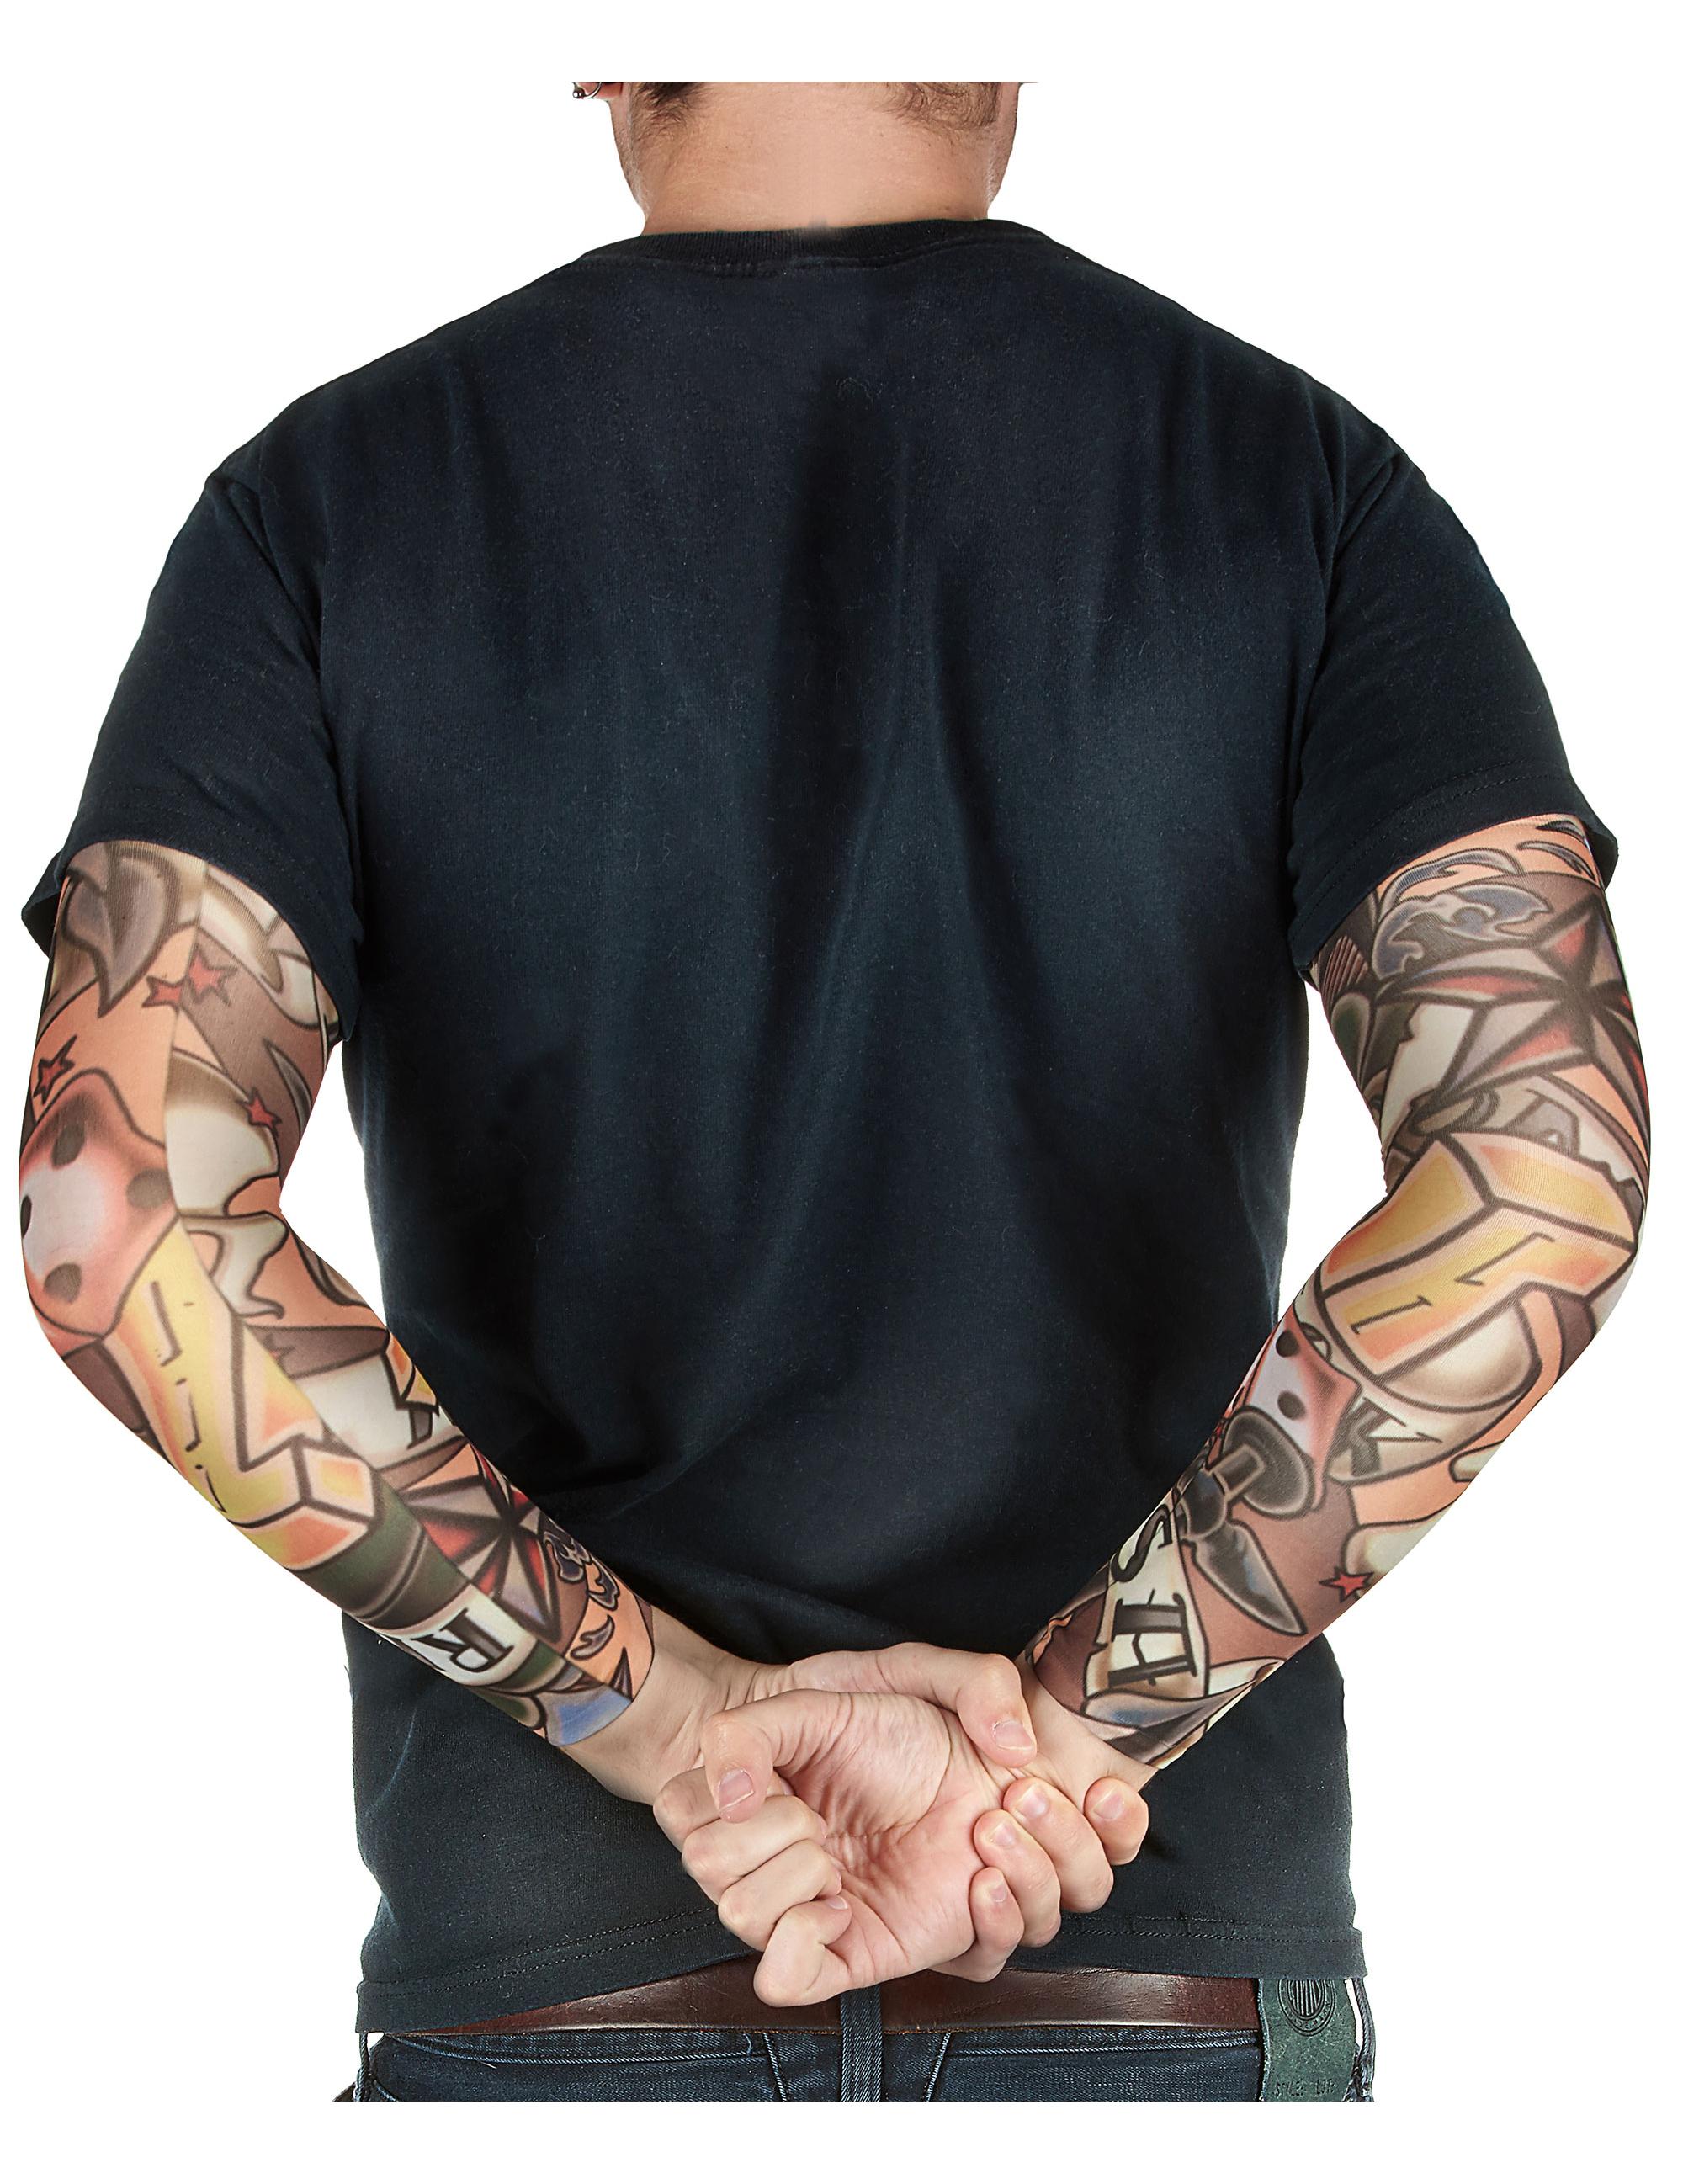 Mangas Tatuajes Falsos Adulto Accesoriosy Disfraces Originales